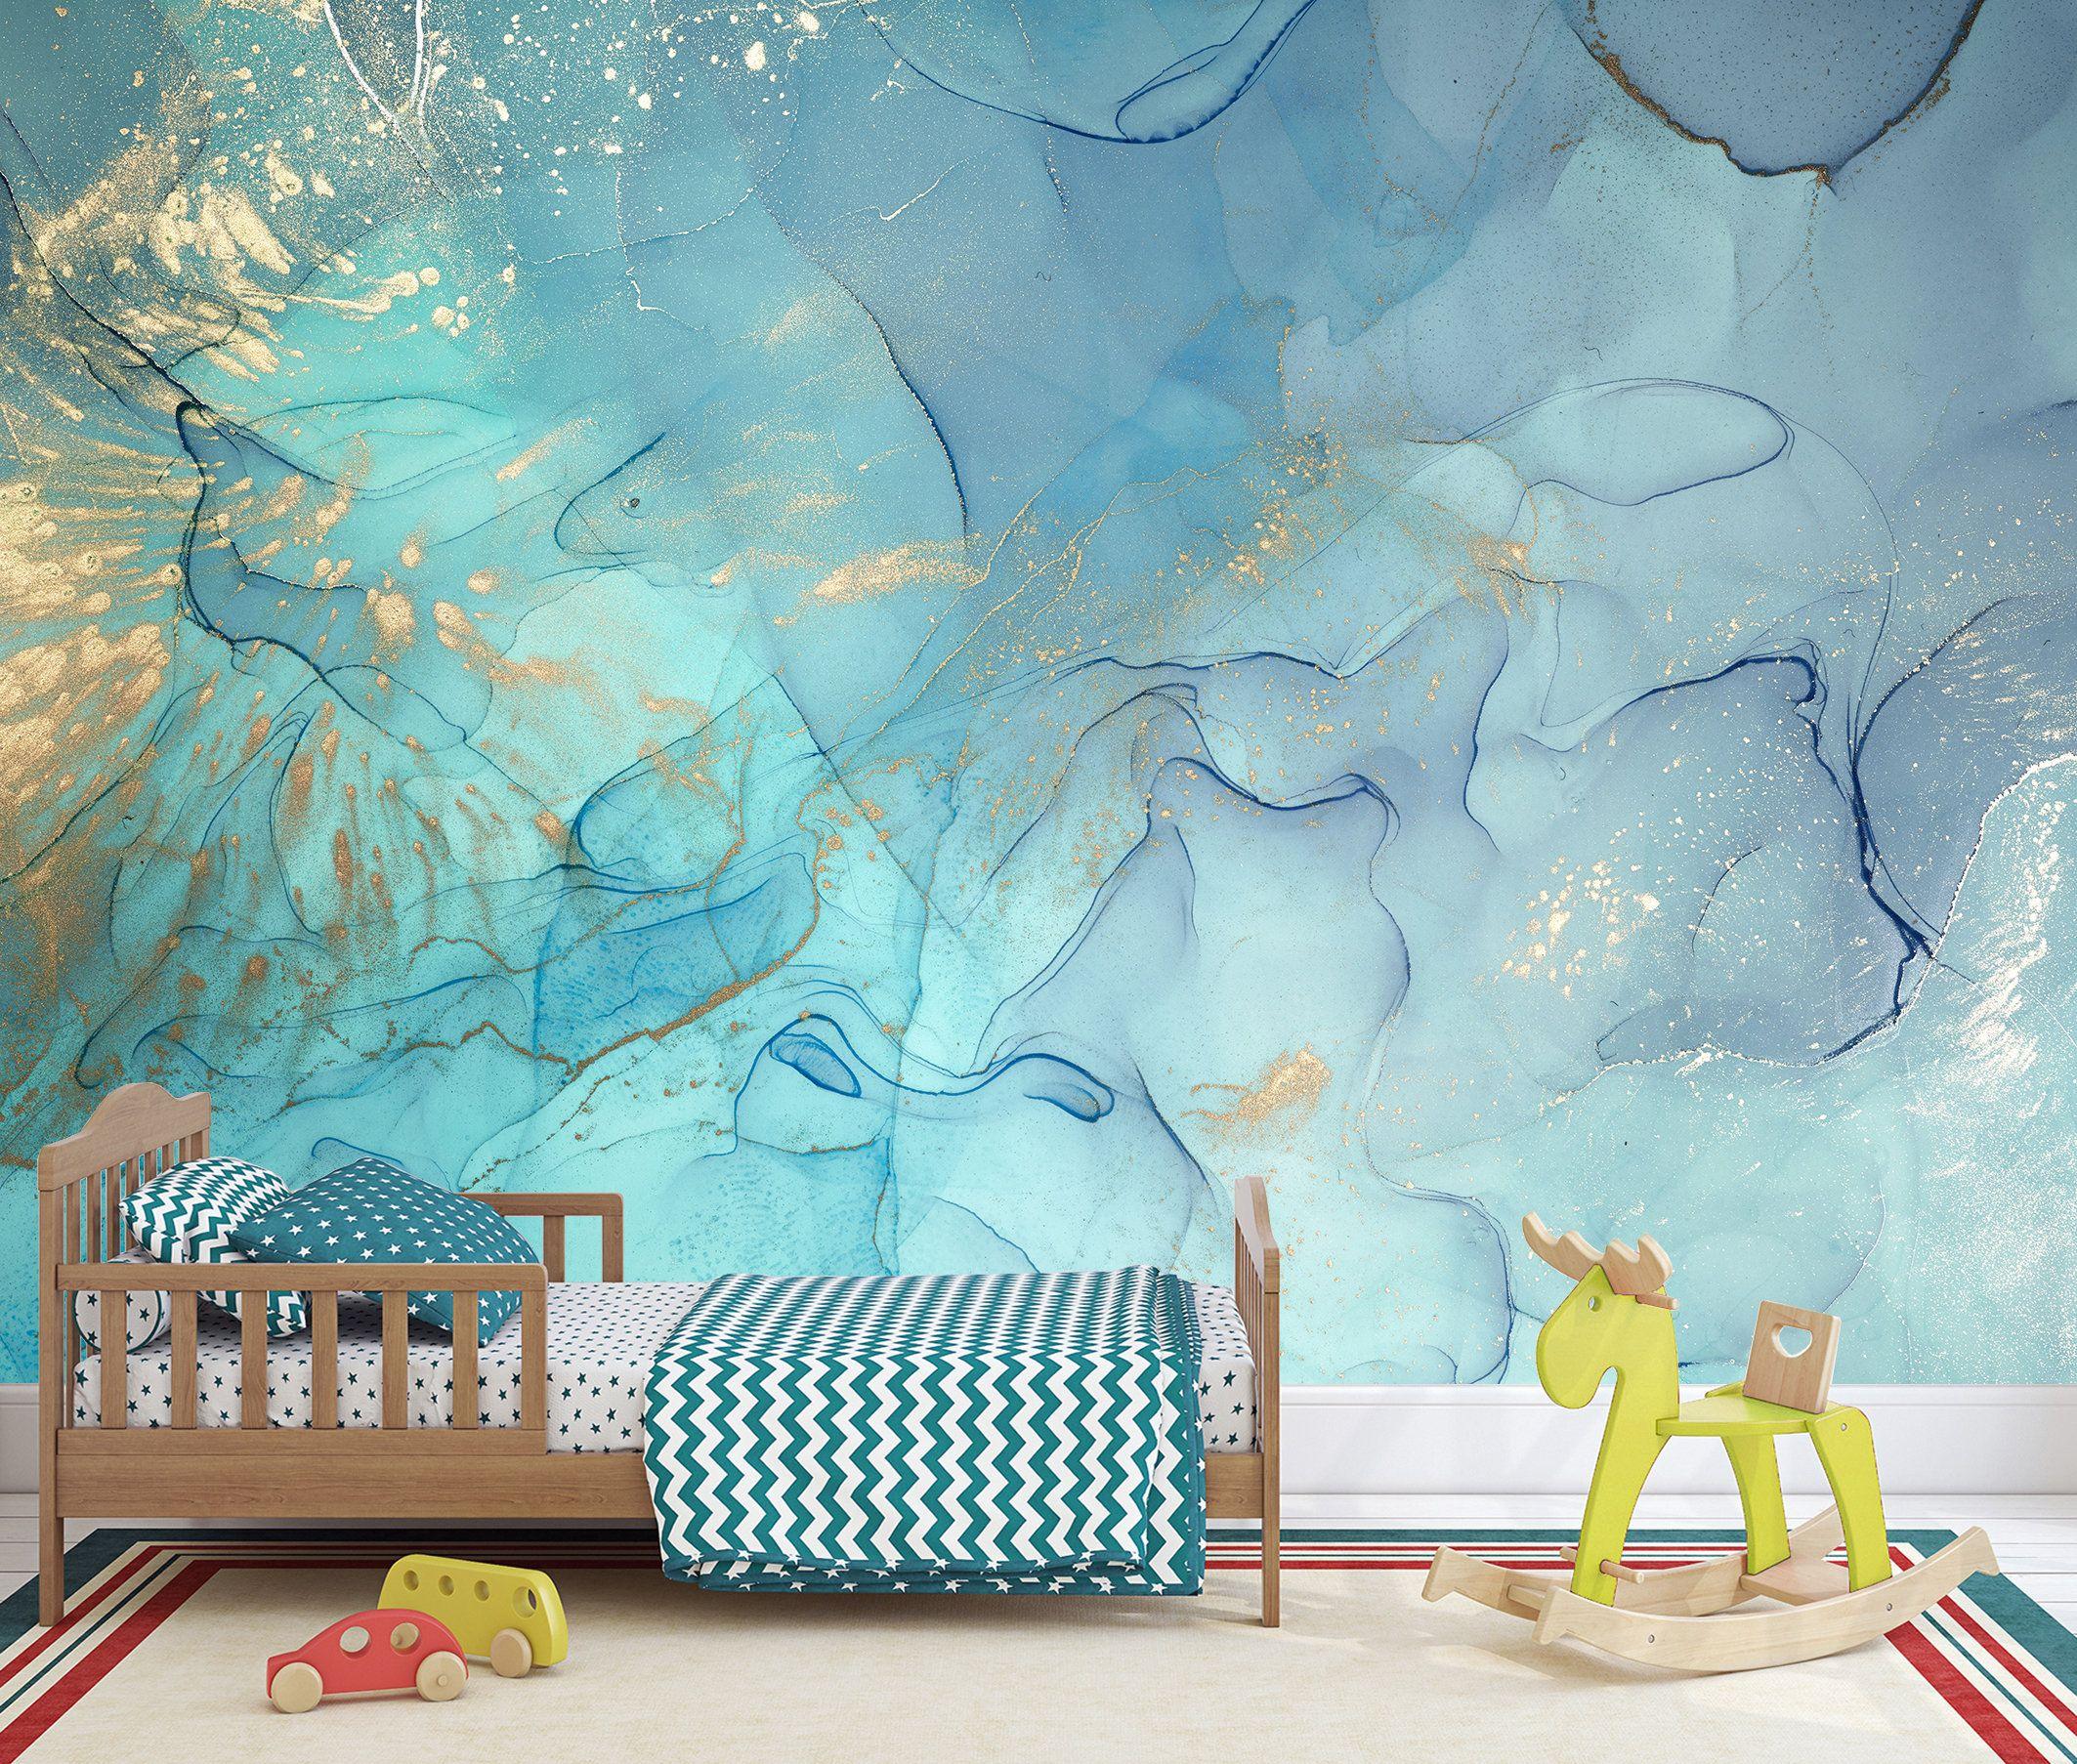 Abstract Wallpaper Modern Design Peel Stick Wall Mural Self Etsy Wall Murals Wallpaper Modern Marble Wall Mural